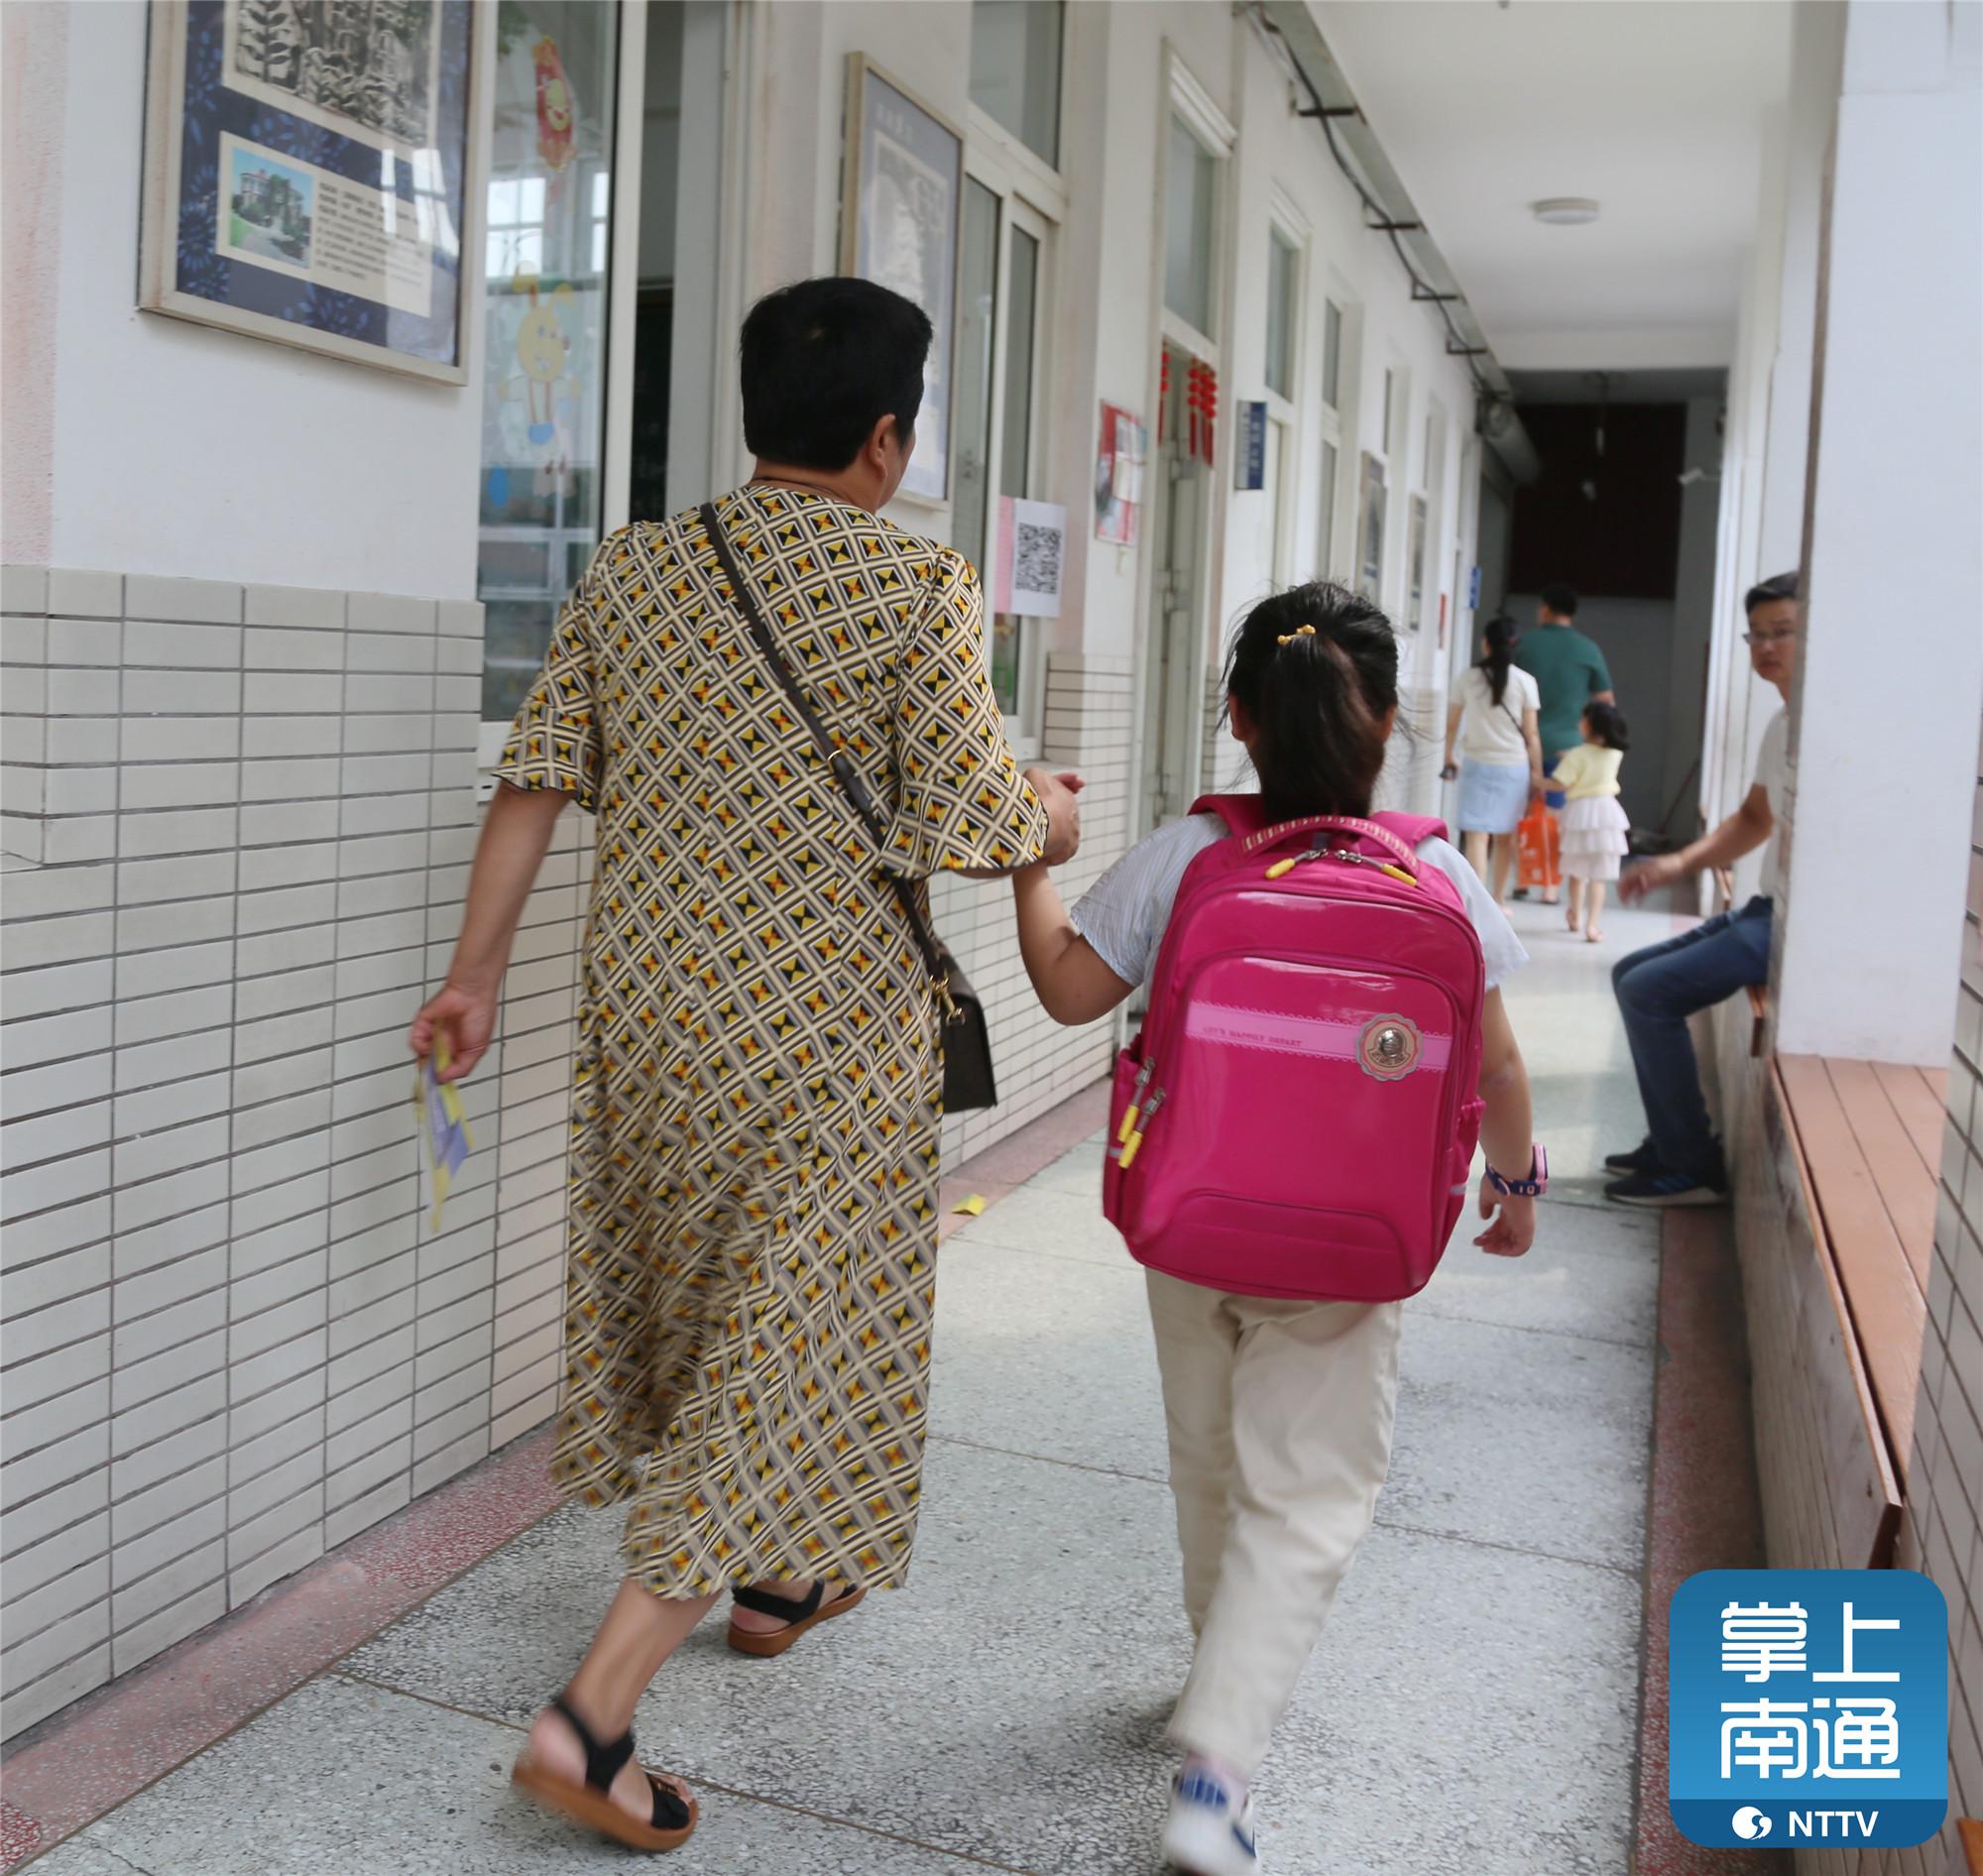 又到一年开学季,今天南通市区各小学迎来新生报到,安静了一个暑假的校园重新热闹起来。一年级的小萌娃们纷纷背起书包,在家长们的带领下,走进校园,开启属于自己的小学之旅。